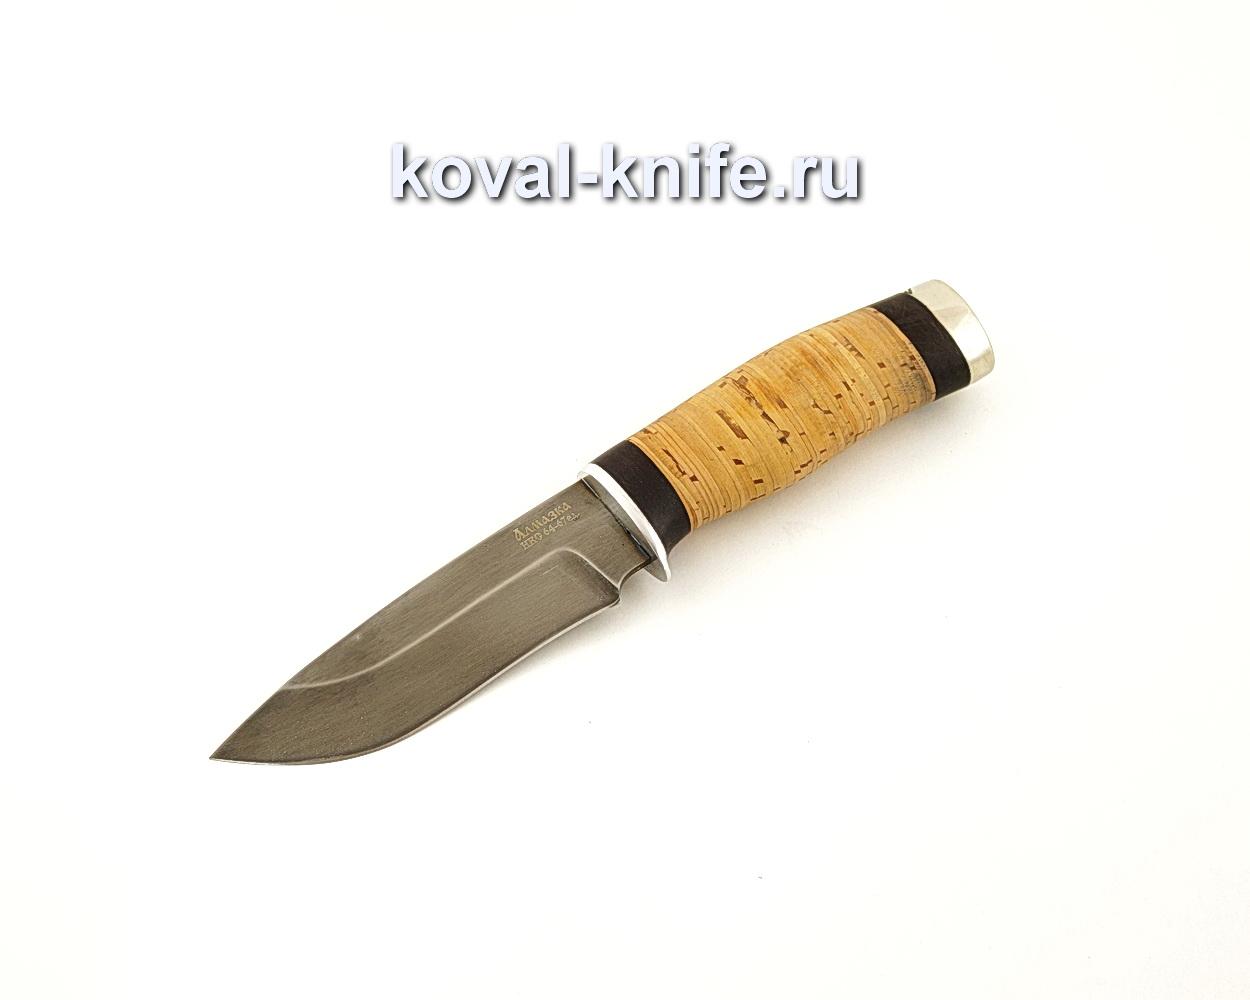 Нож Сапсан из алмазной стали ХВ5 с рукоятью из бересты  A645